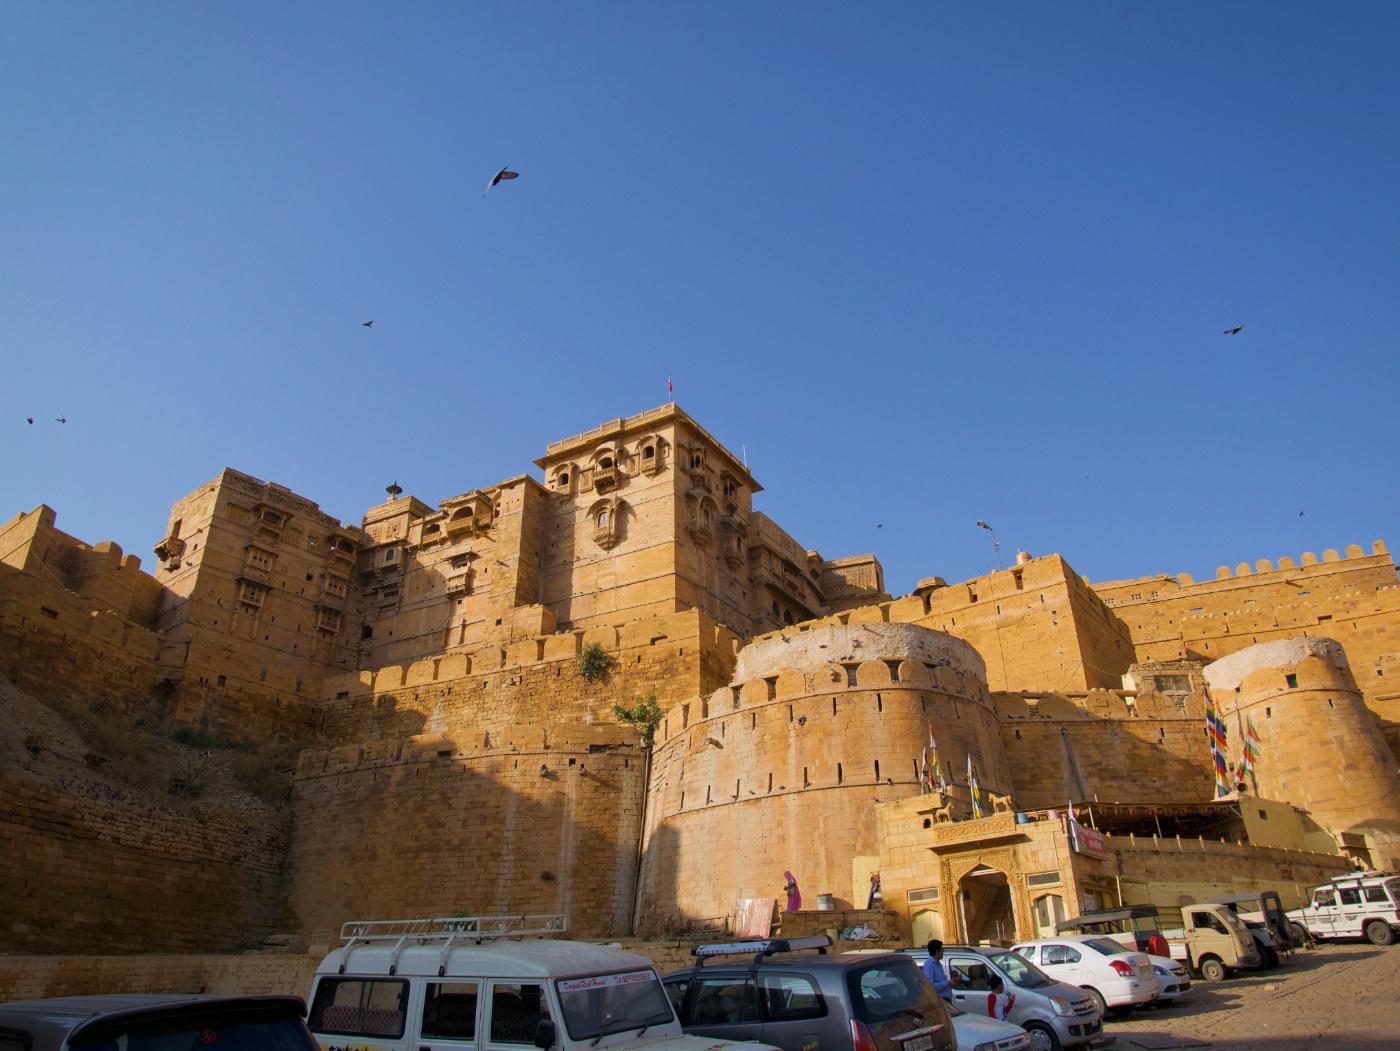 531-India-Jaisalmer